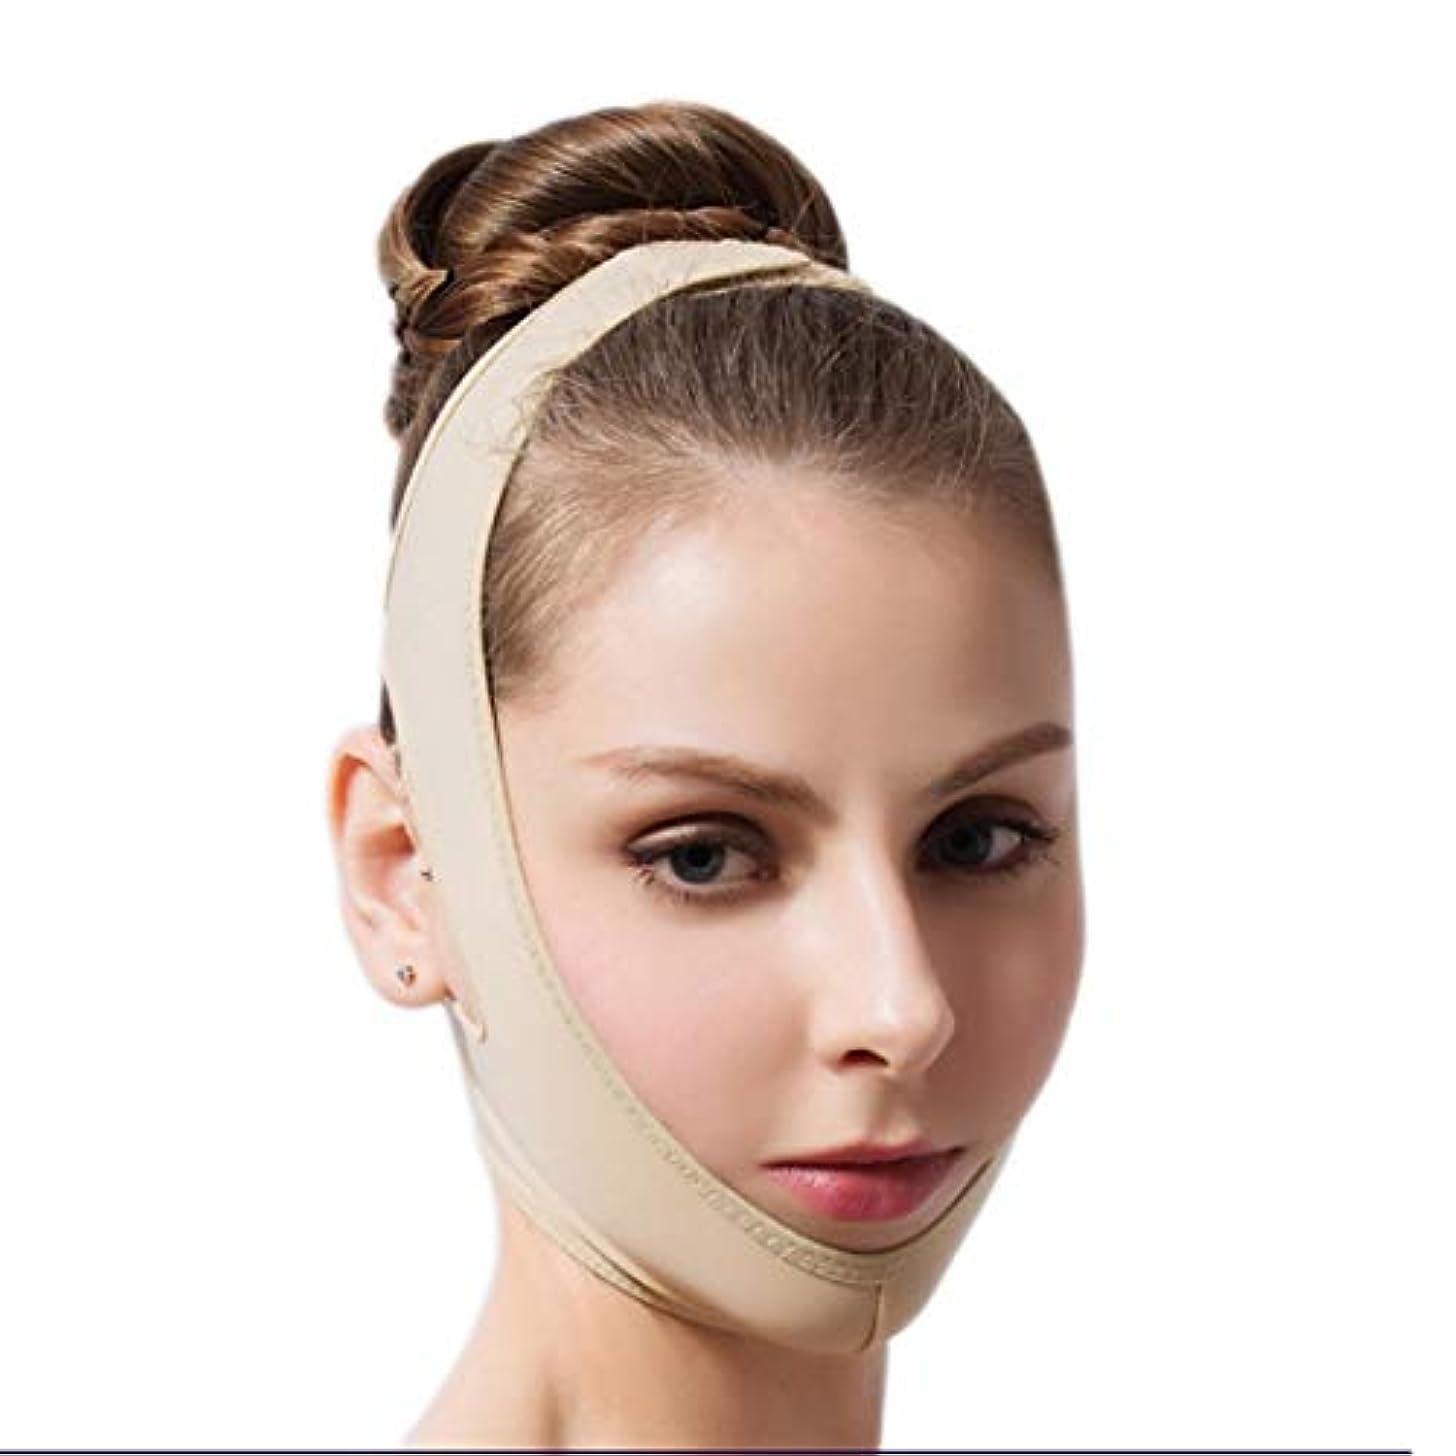 困難割る対立ZWBD フェイスマスク, フェイスリフト包帯V整形術後回復包帯医療グレードマスクバンドルジョー二重あご (Size : L)